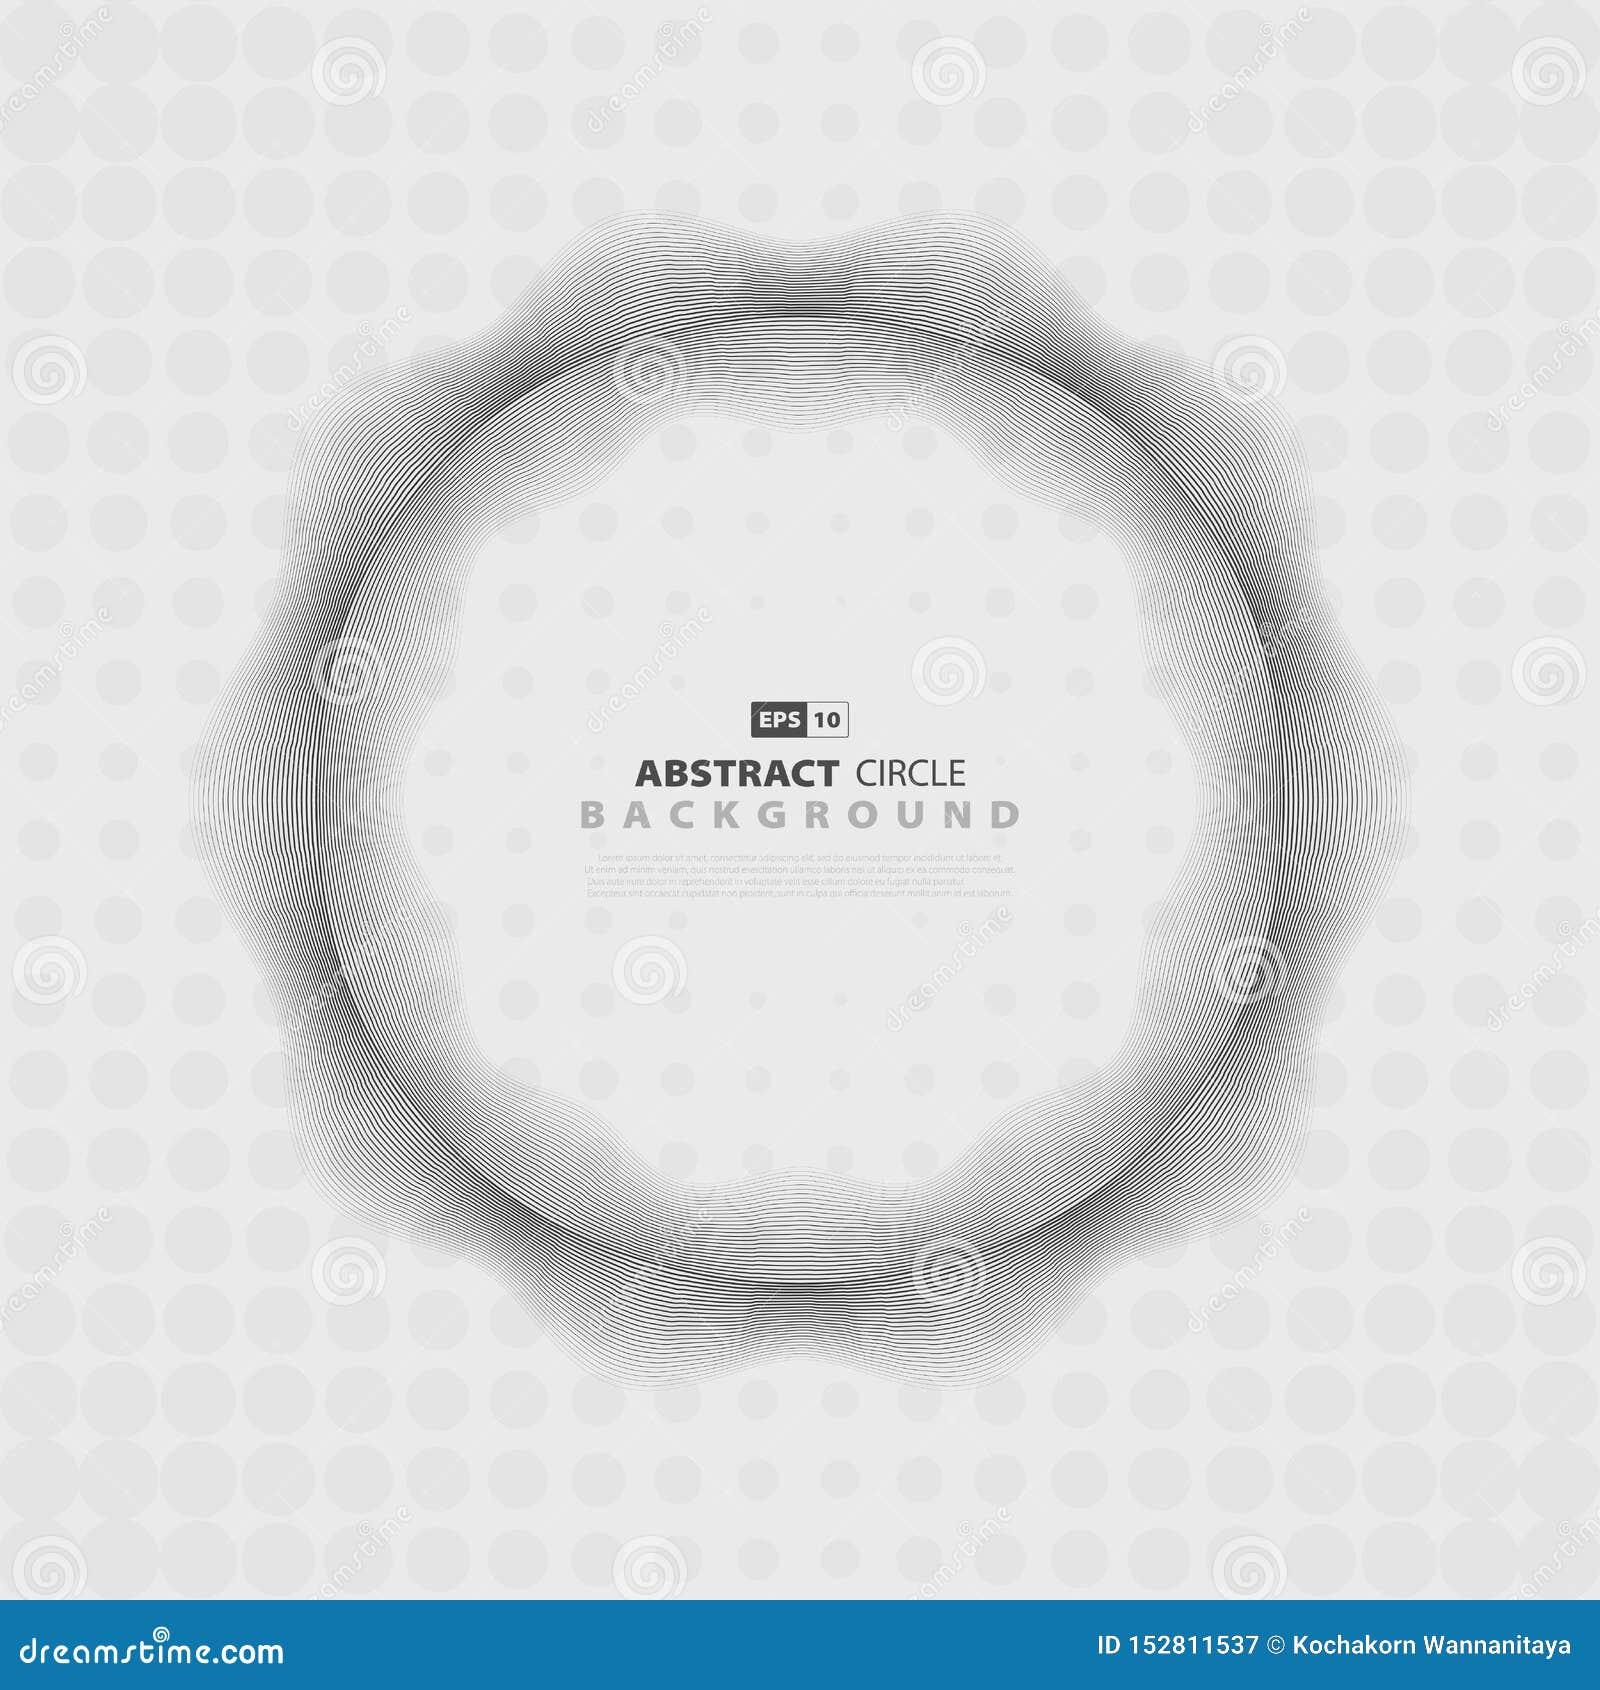 Rastrerad design för abstrakt grå designcirkel för krabb modell Illustrationvektor eps10